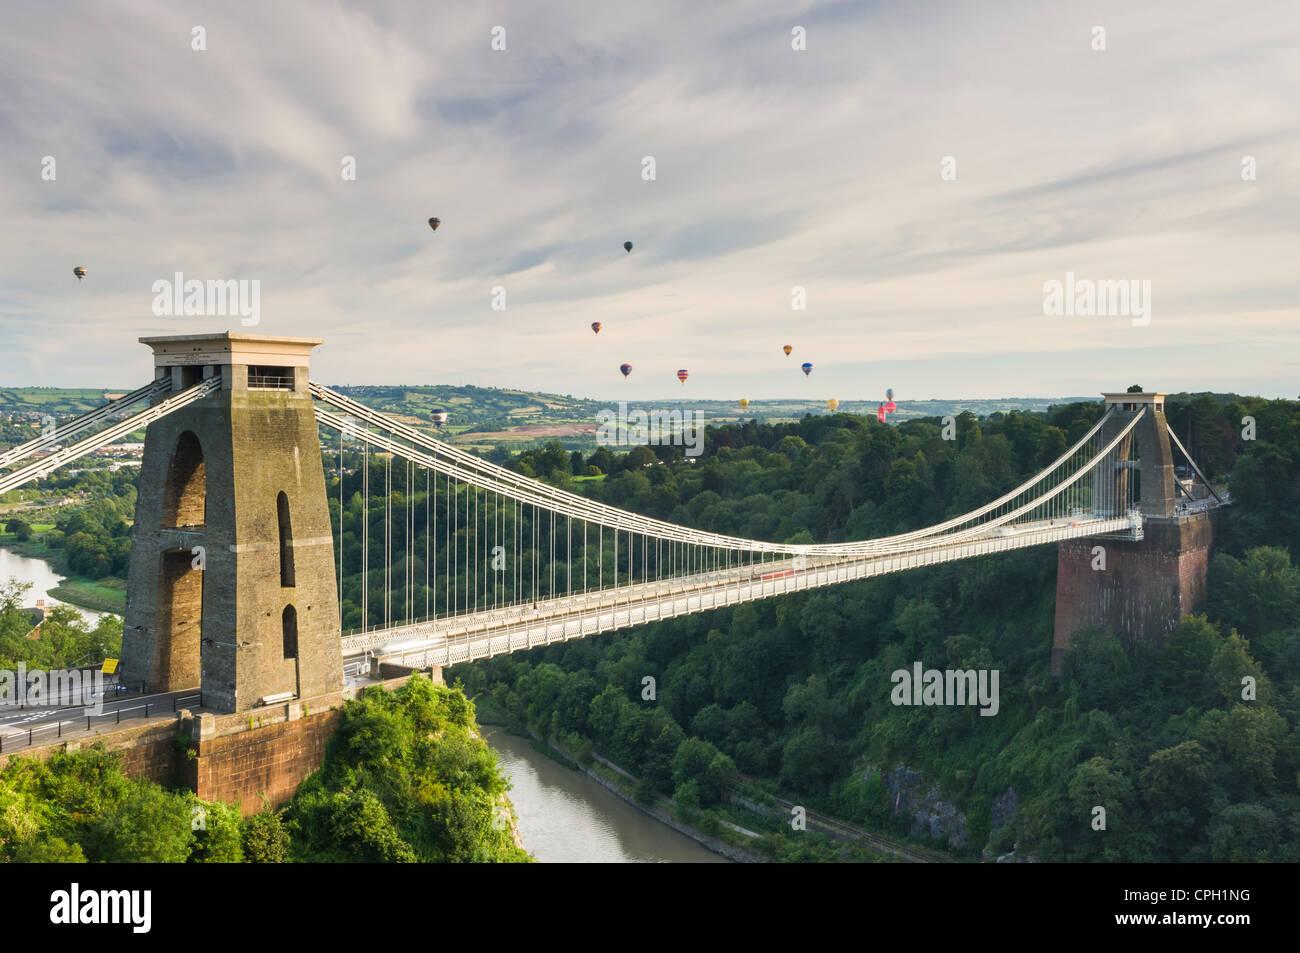 clifton suspension bridge essay